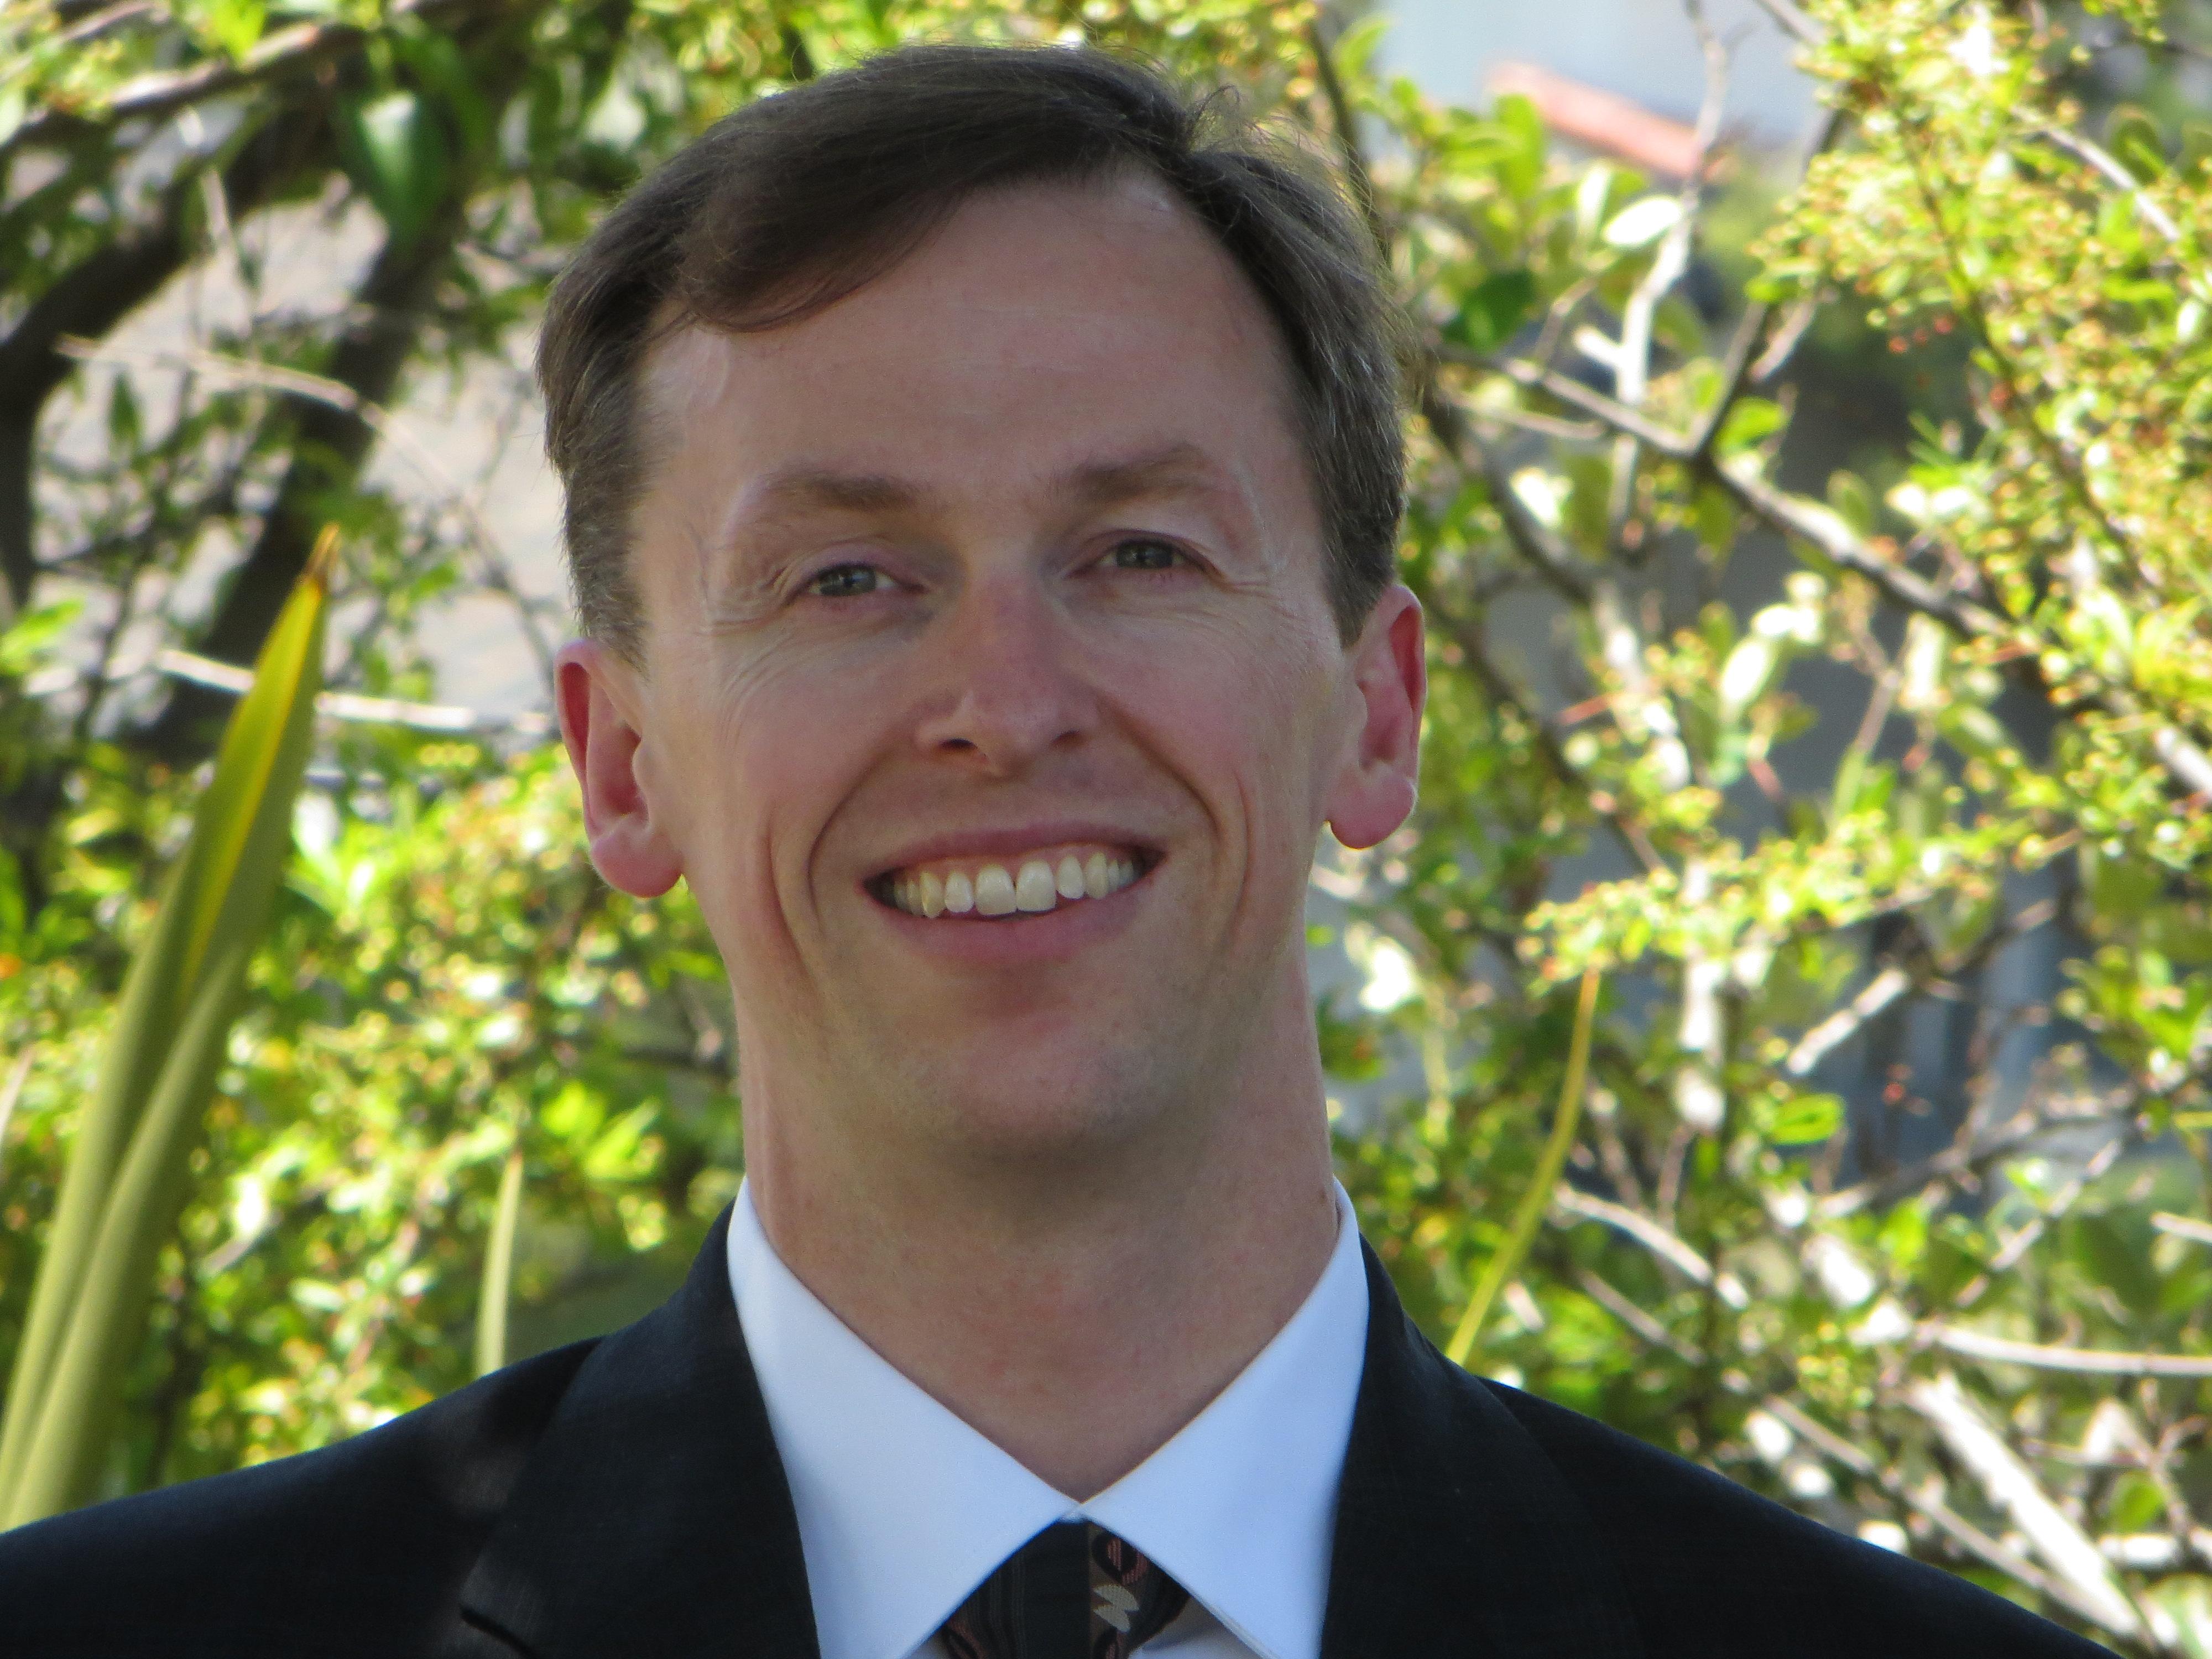 Andrew Uplinger